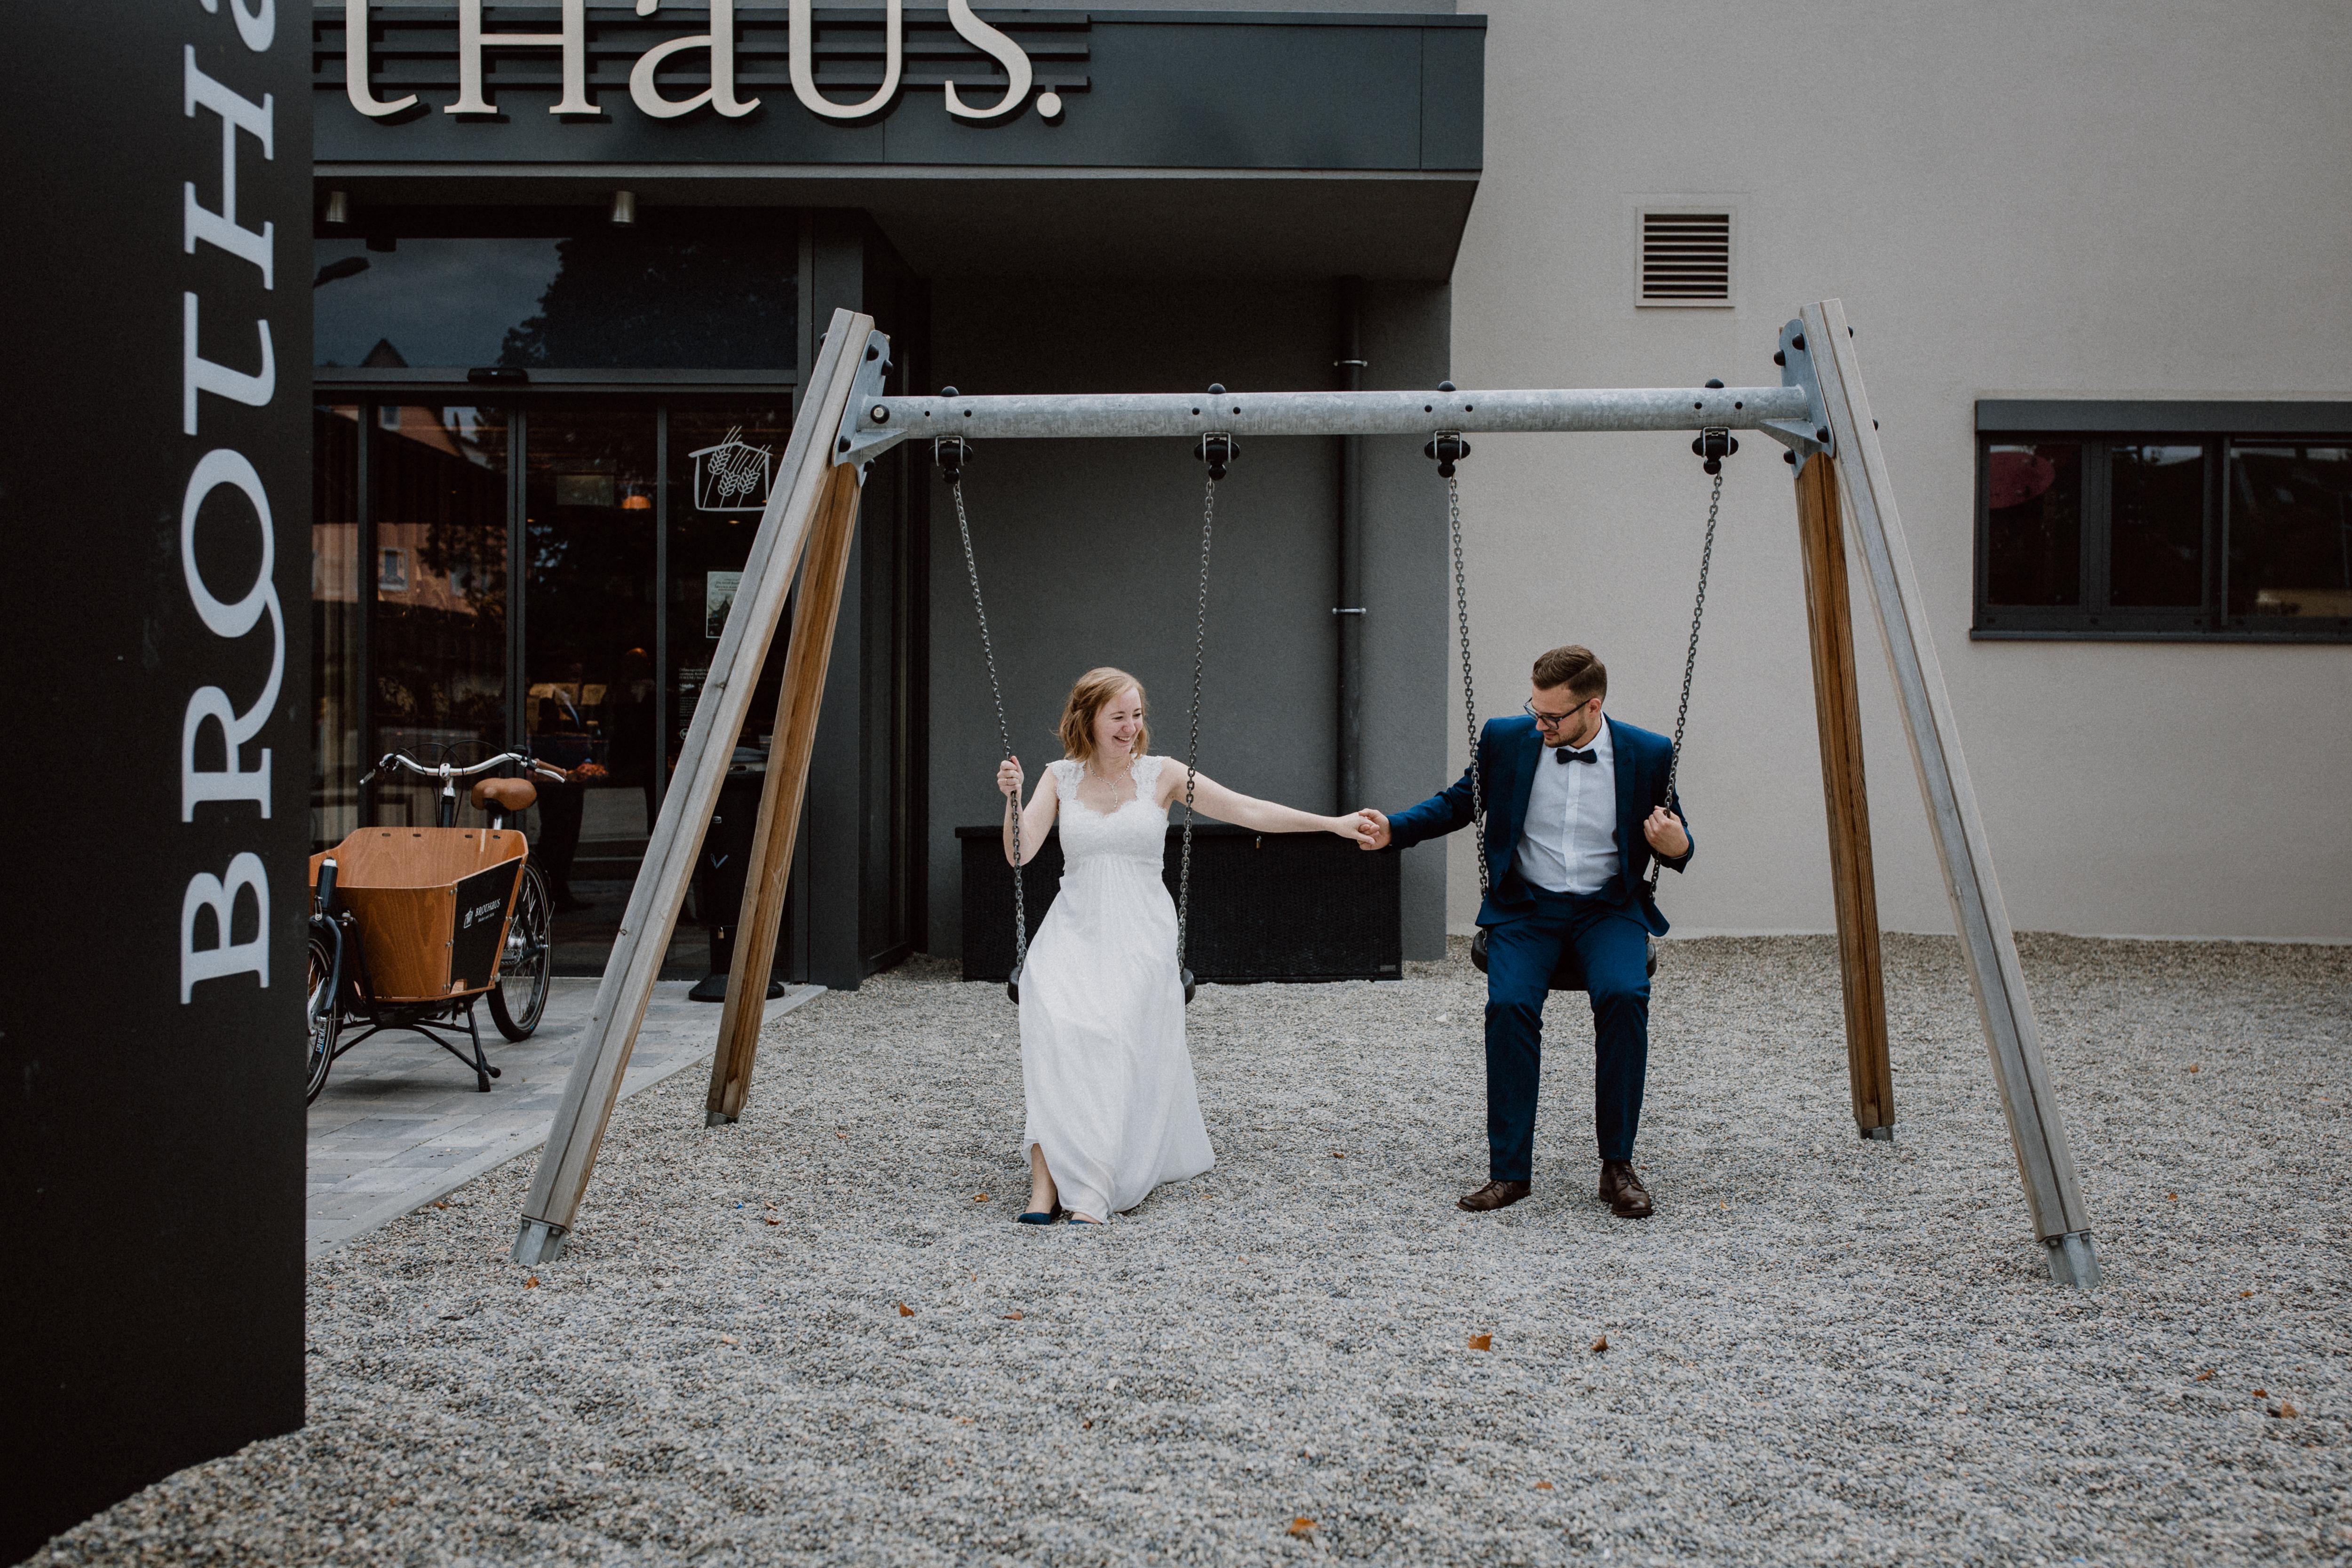 URBANERIE_Daniela_Goth_Hochzeitsfotografin_Nürnberg_Fürth_Erlangen_Schwabach_17907_0345